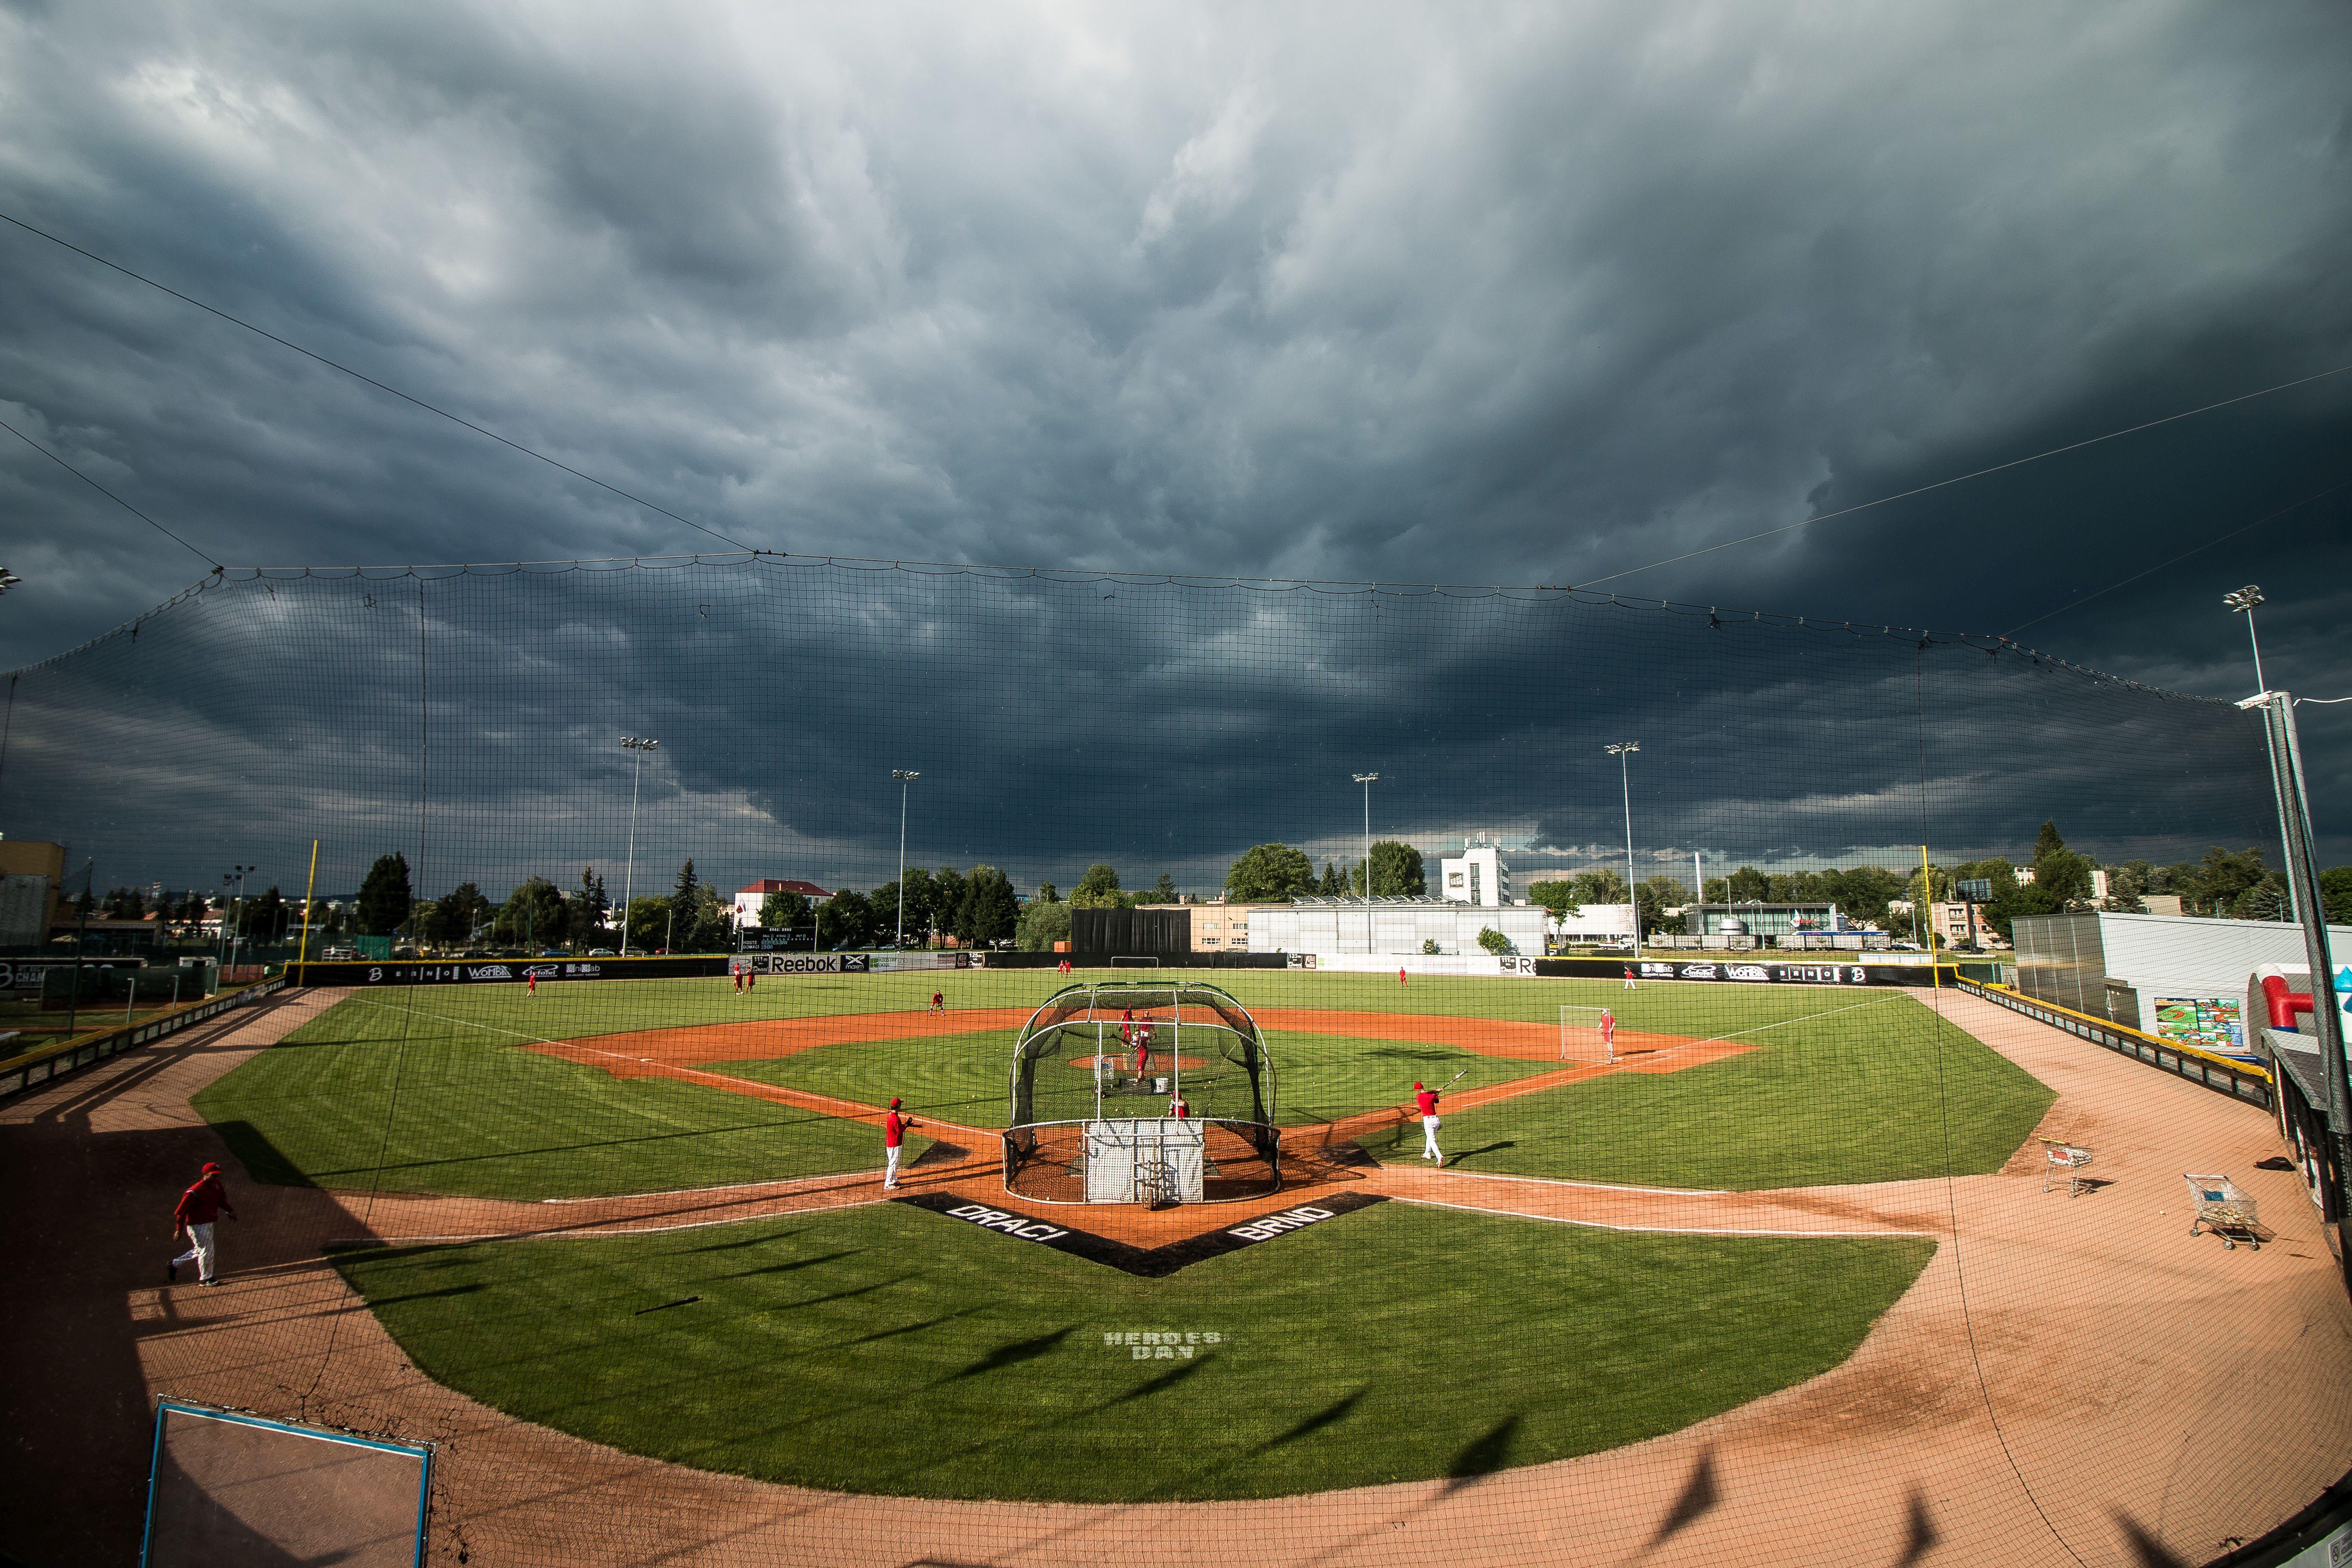 Städtisches Baseballstadion